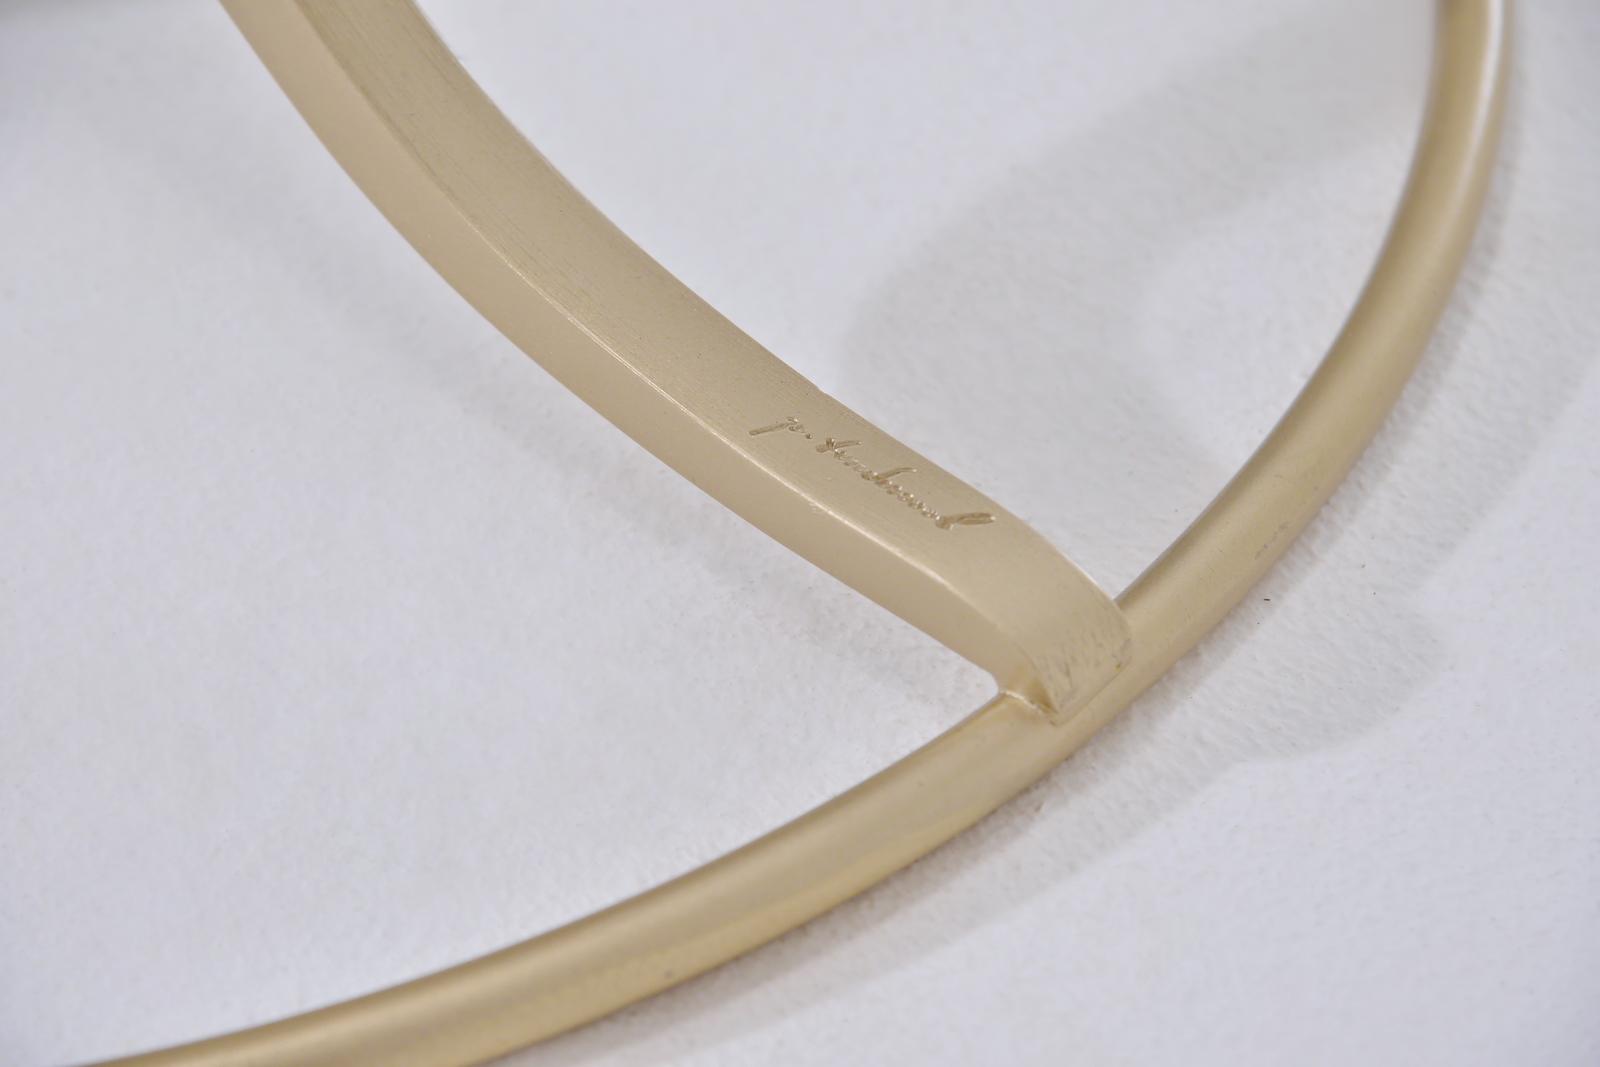 PTendercool-PT442-BS1-190219-06